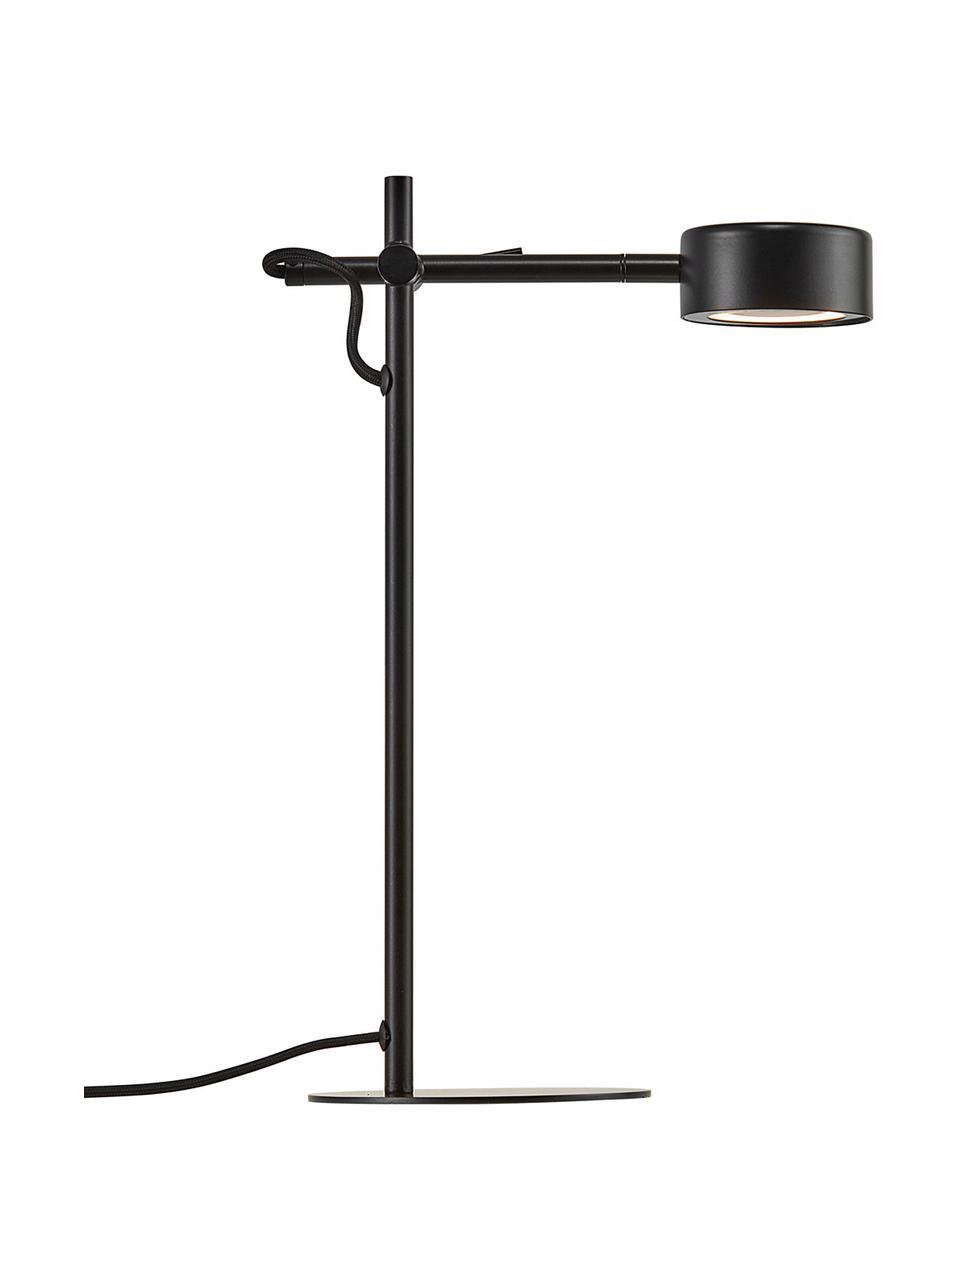 Dimmbare LED-Schreibtischlampe Clyde, Schwarz, 15 x 41 cm